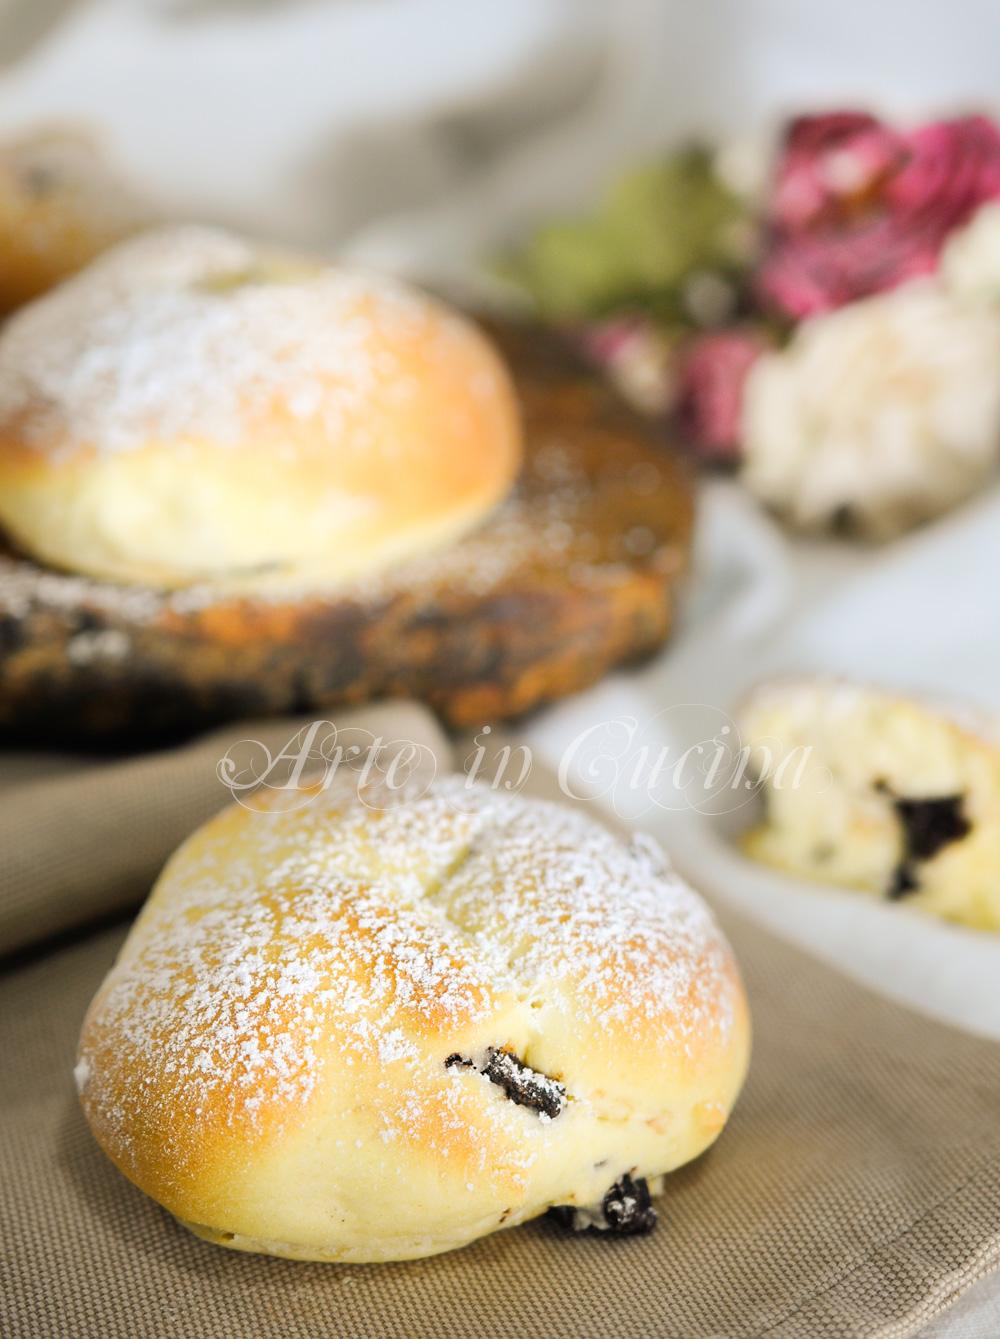 Ciambelle al mascarpone e cioccolato al forno vickyar arte in cucina